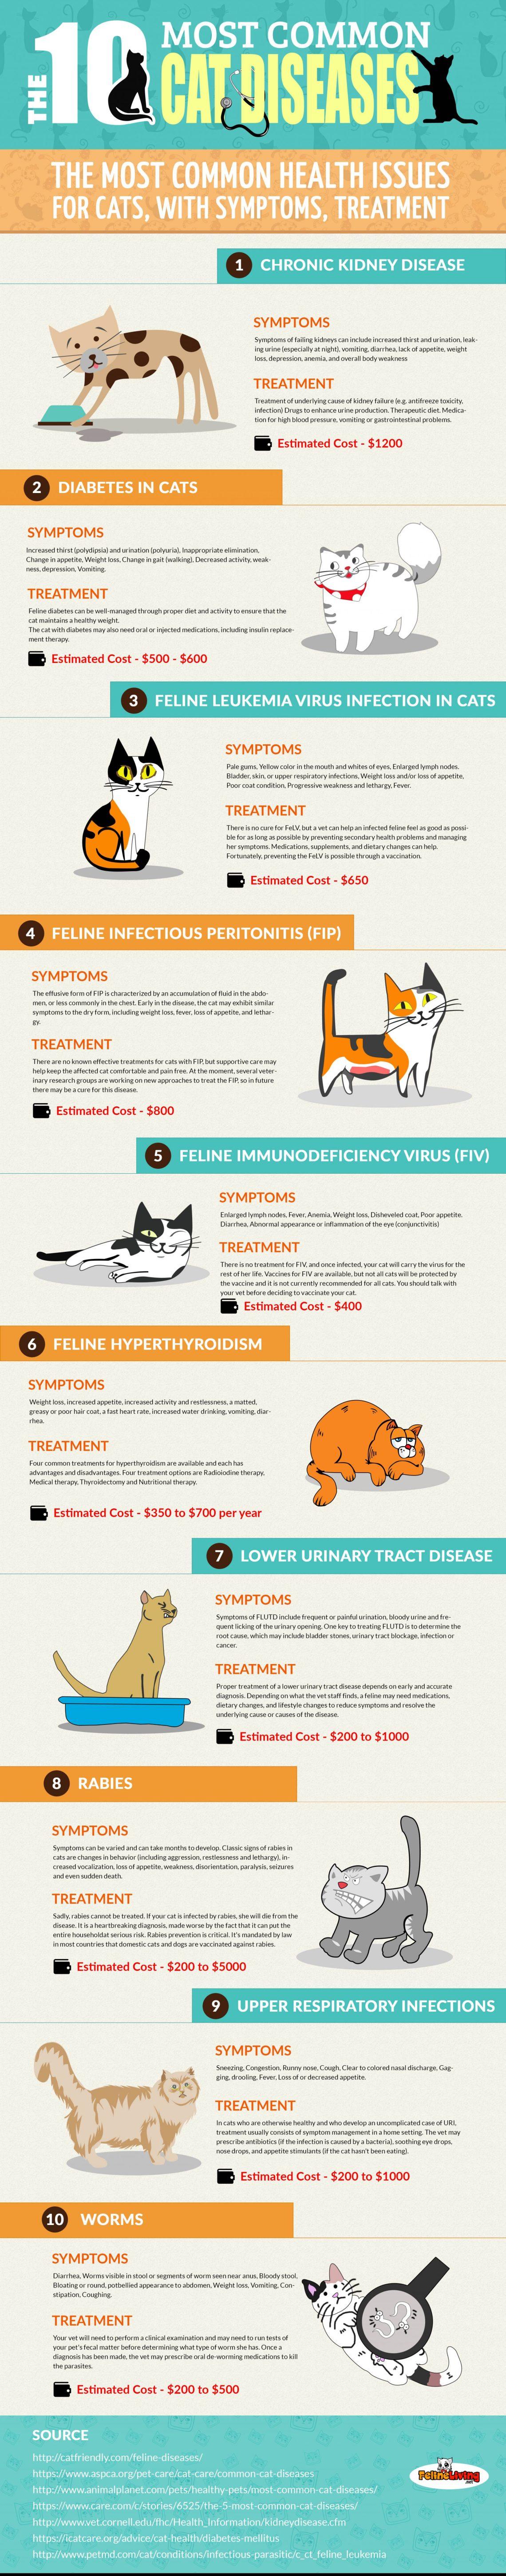 Common Cat Diseases infographic raw